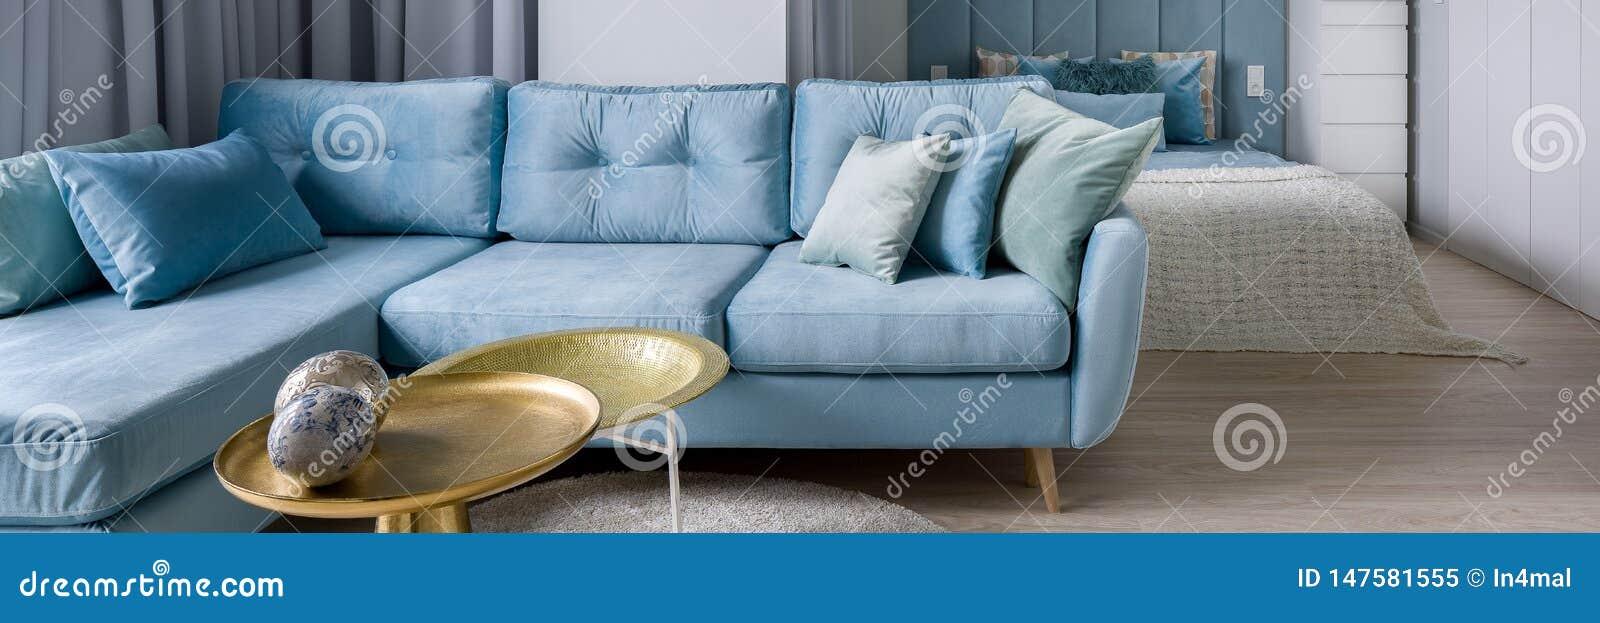 Stylish Blue Corner Sofa, Panorama Stock Image - Image of ...